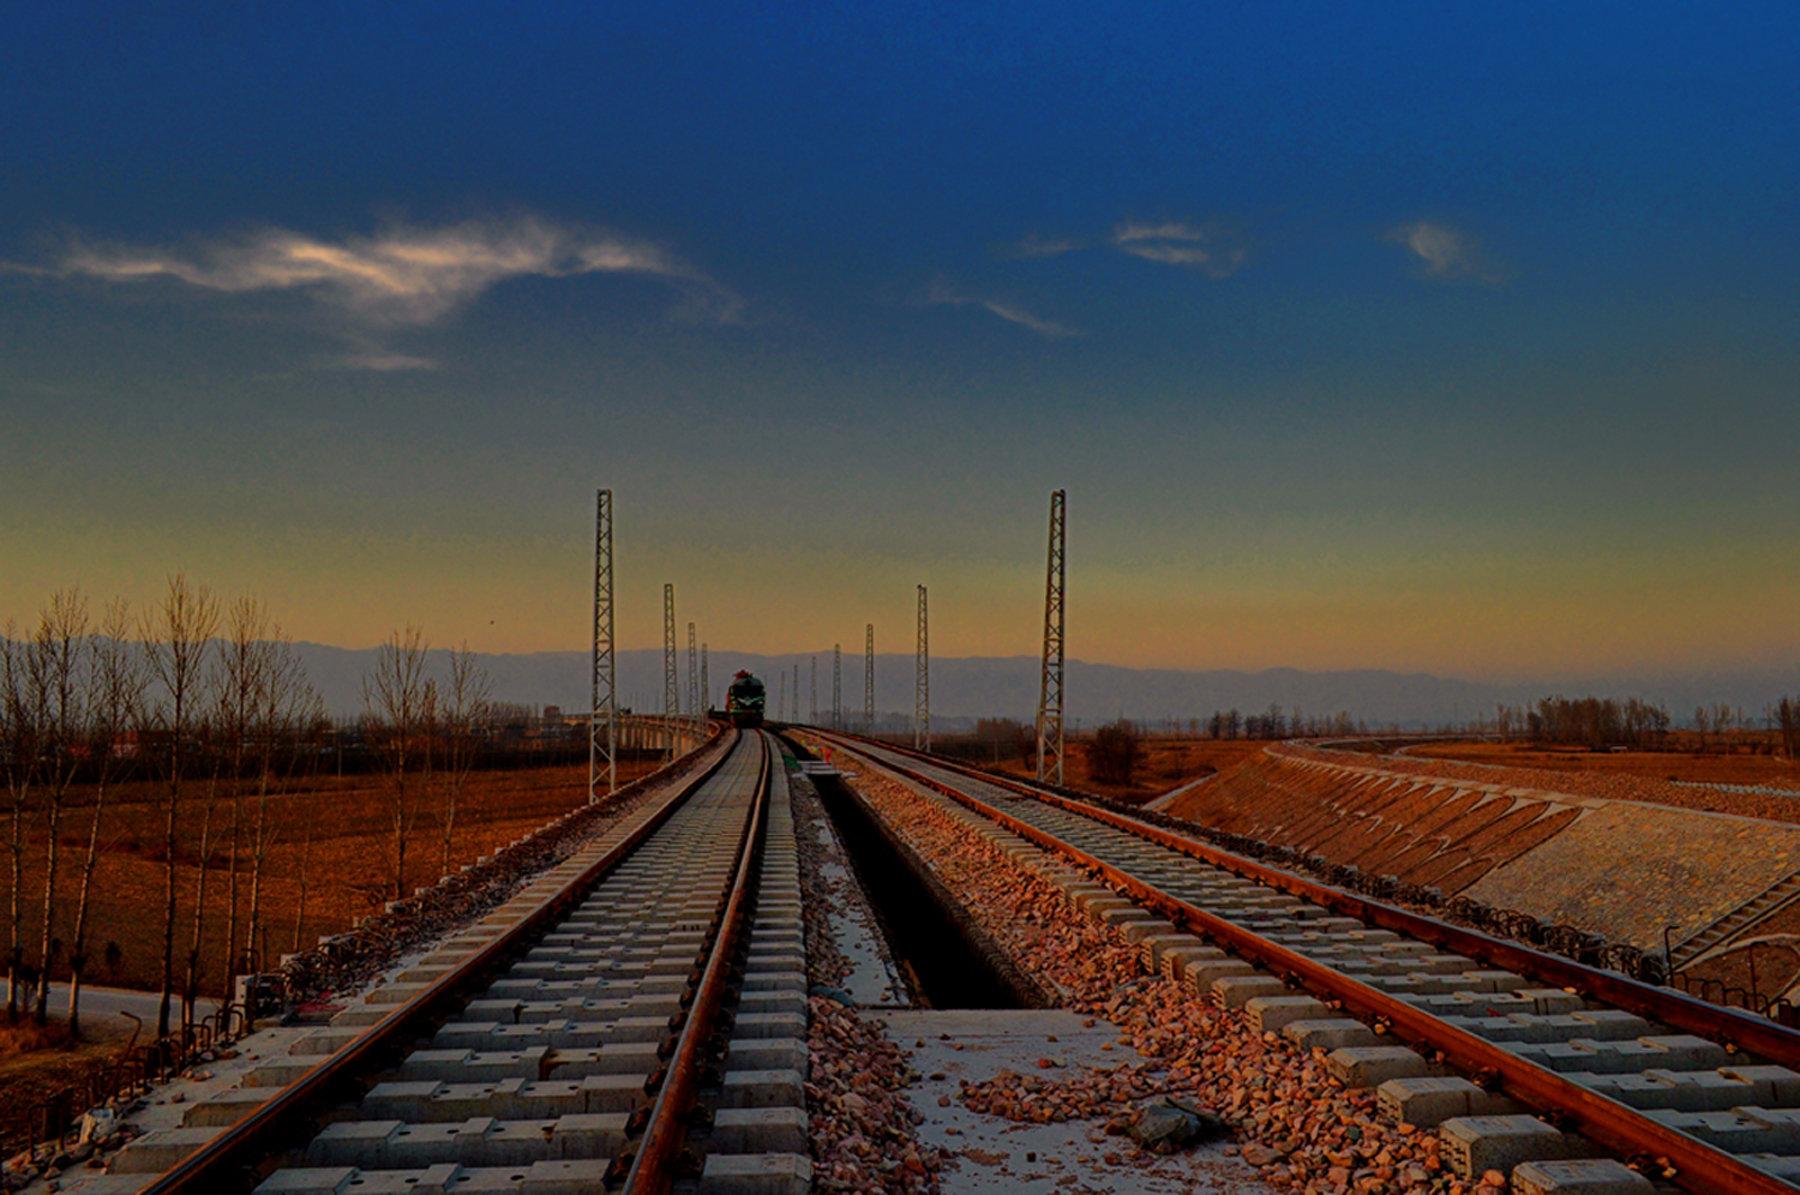 交通运输部2018:增加铁路运输量 减少公路运输量 在铁路领域扩大国有企业混合所有制改革试点范围